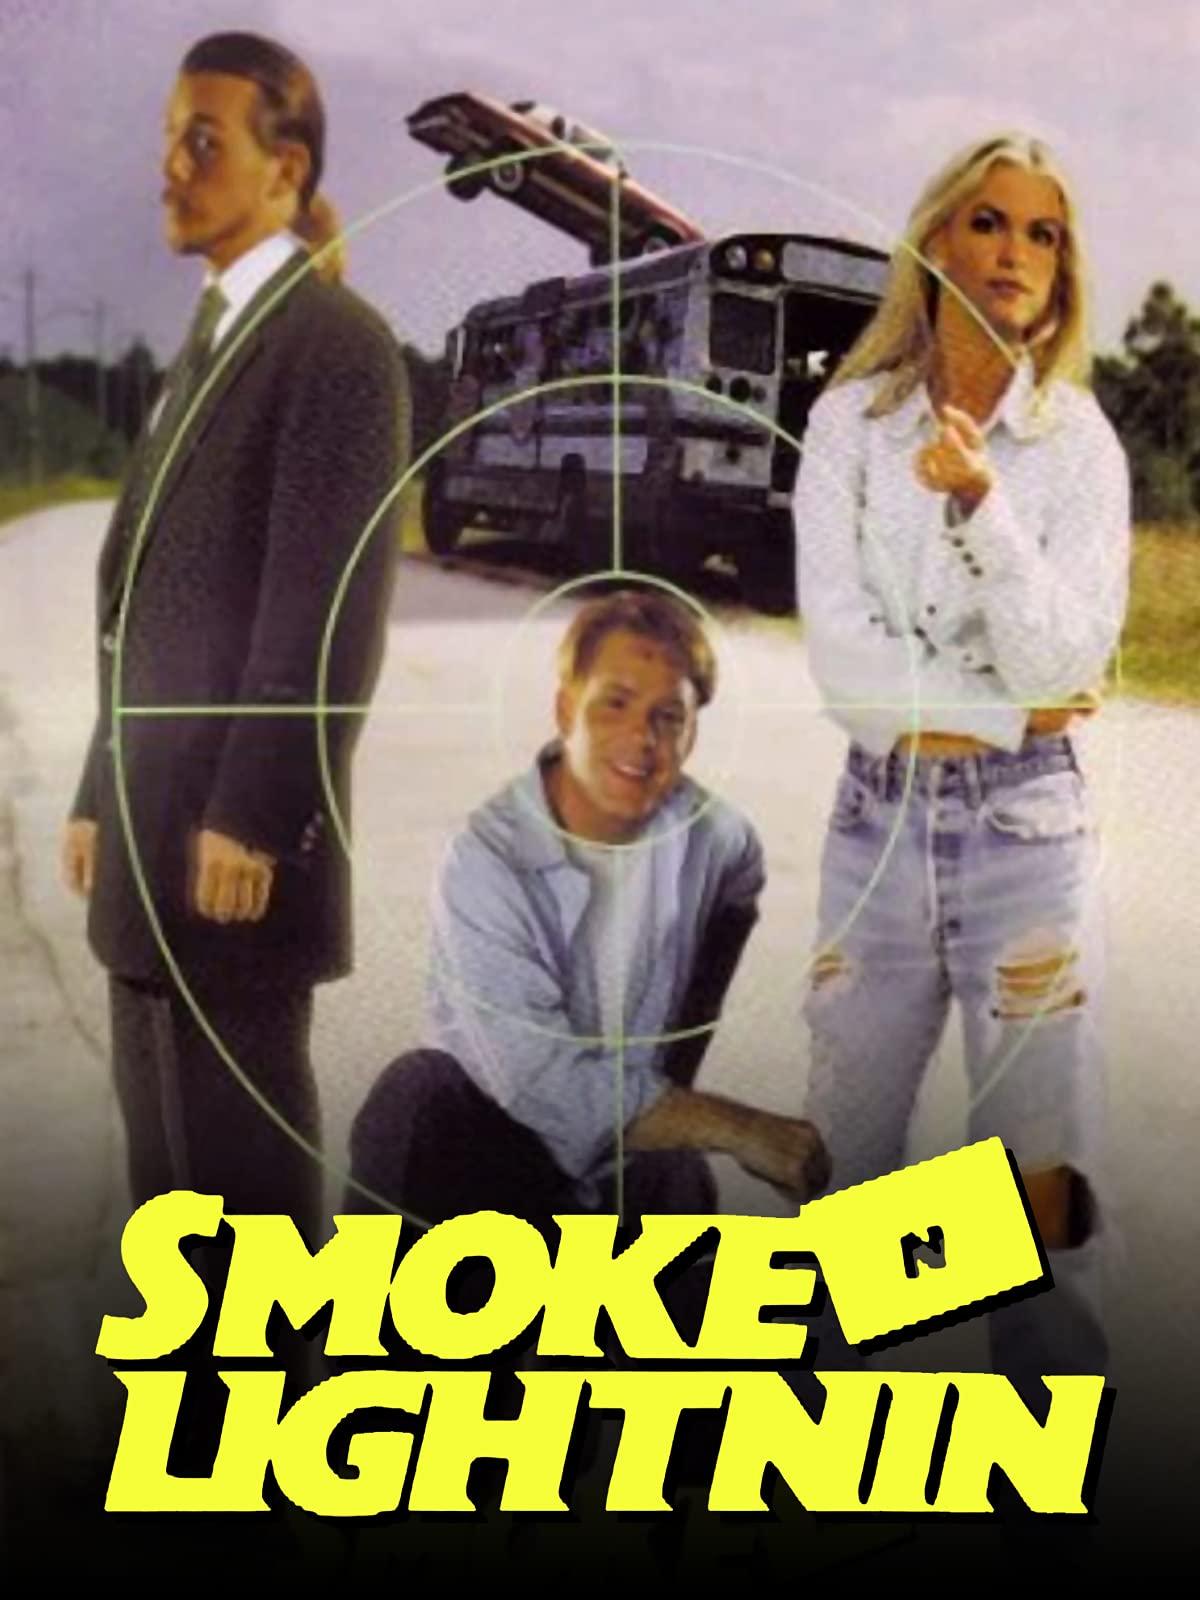 Smoke N' Lightnin